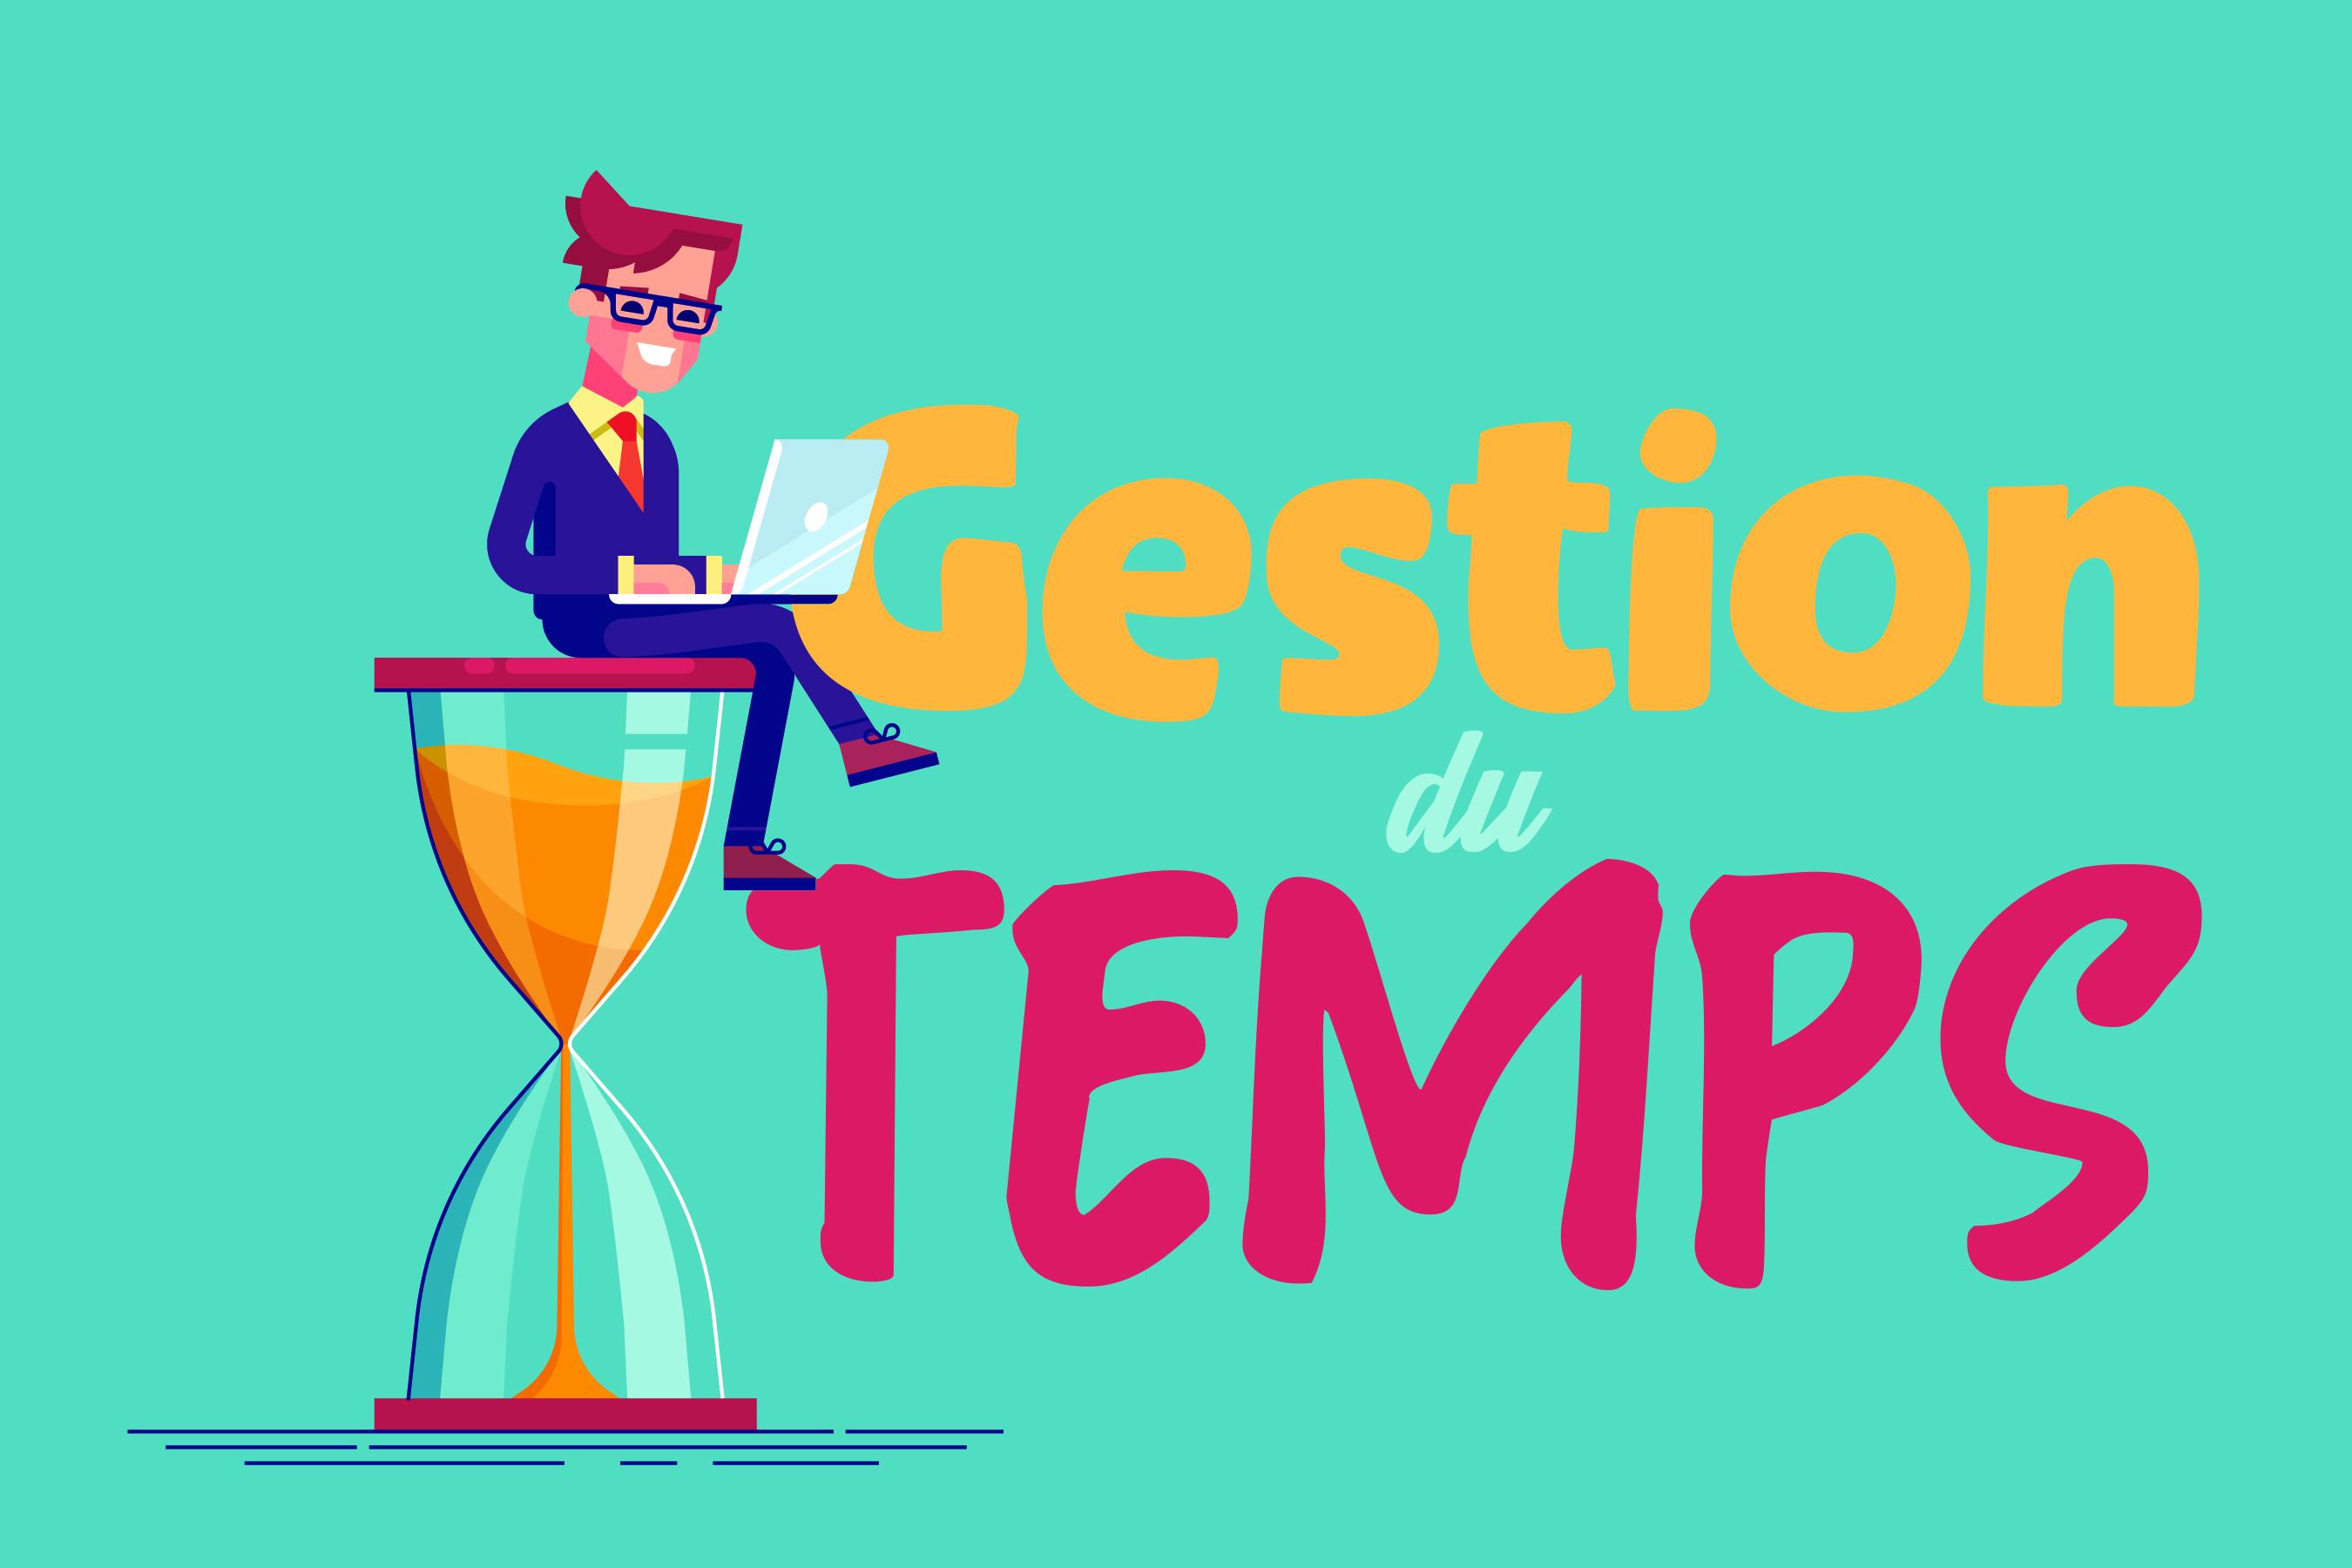 Planning d'entreprise : gestion du temps de travail